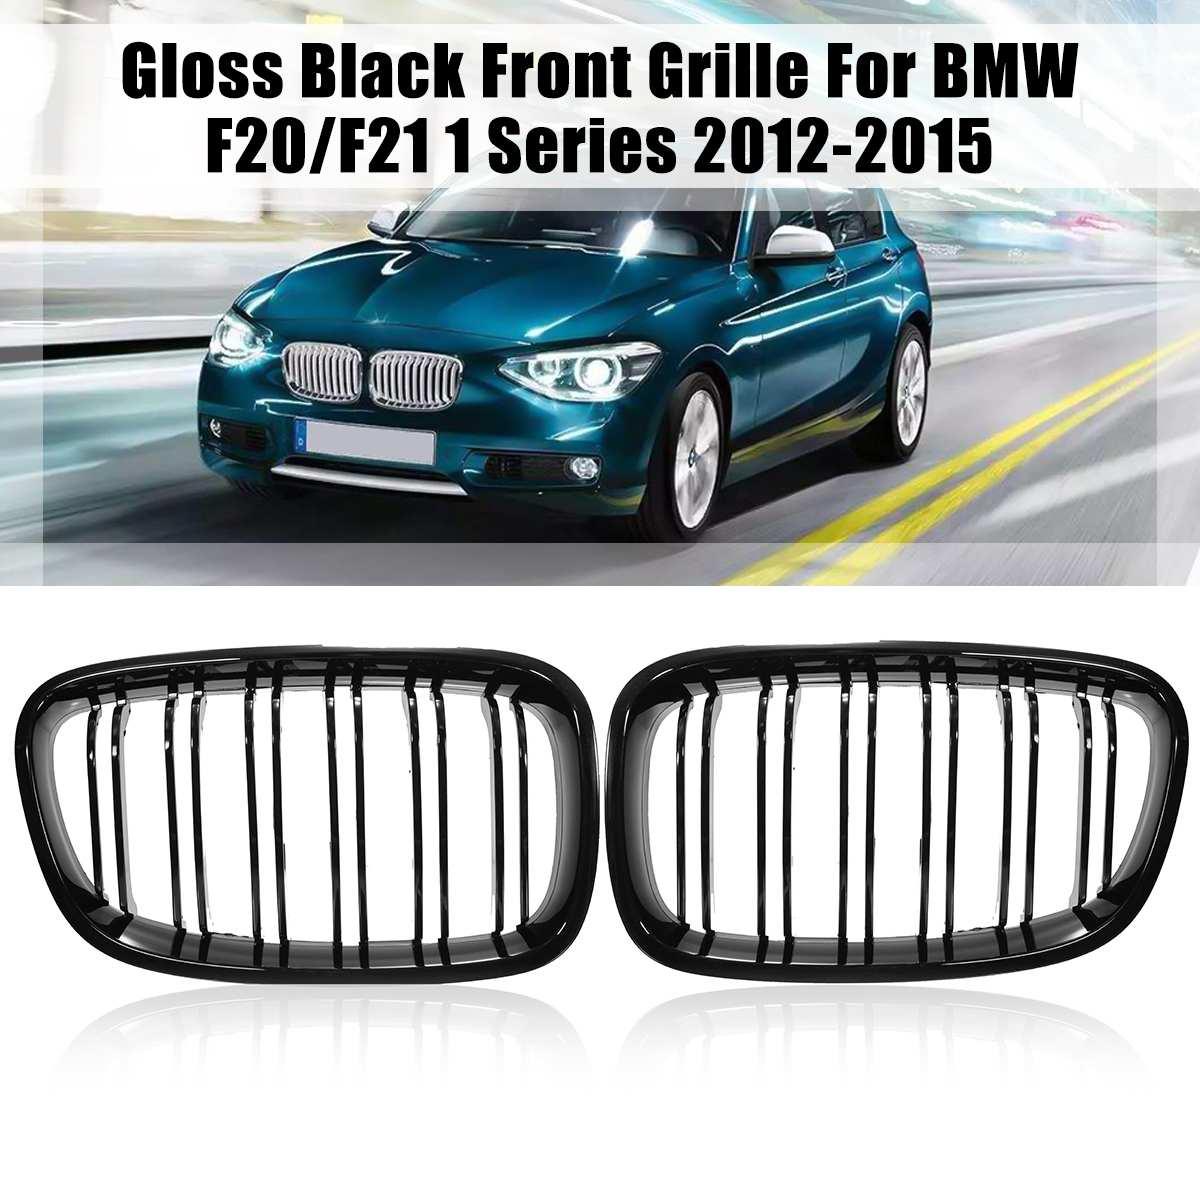 Pour BMW F20 F21 2011 2013 2014 1 série paire brillant mat noir large grille de calandre avant Grilles de course de Stying de voiture